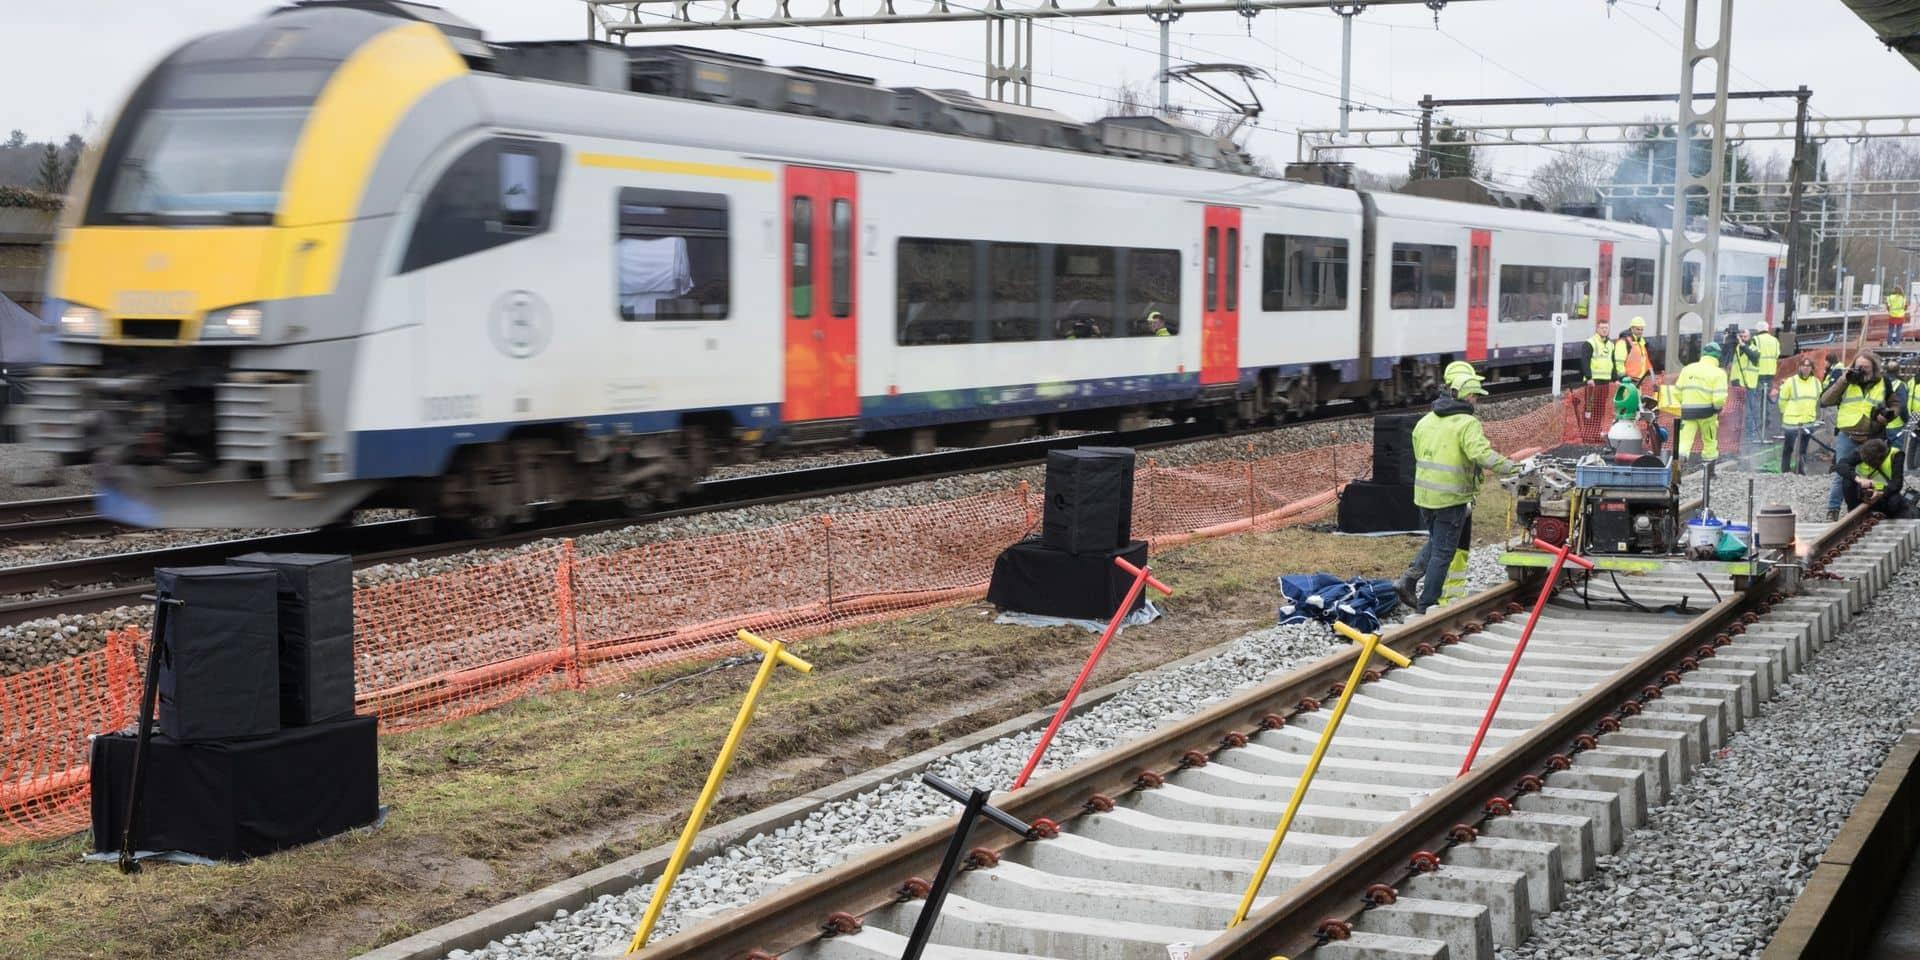 La circulation des trains perturbée entre Ottignies et Bruxelles après un accident avec un tracteur